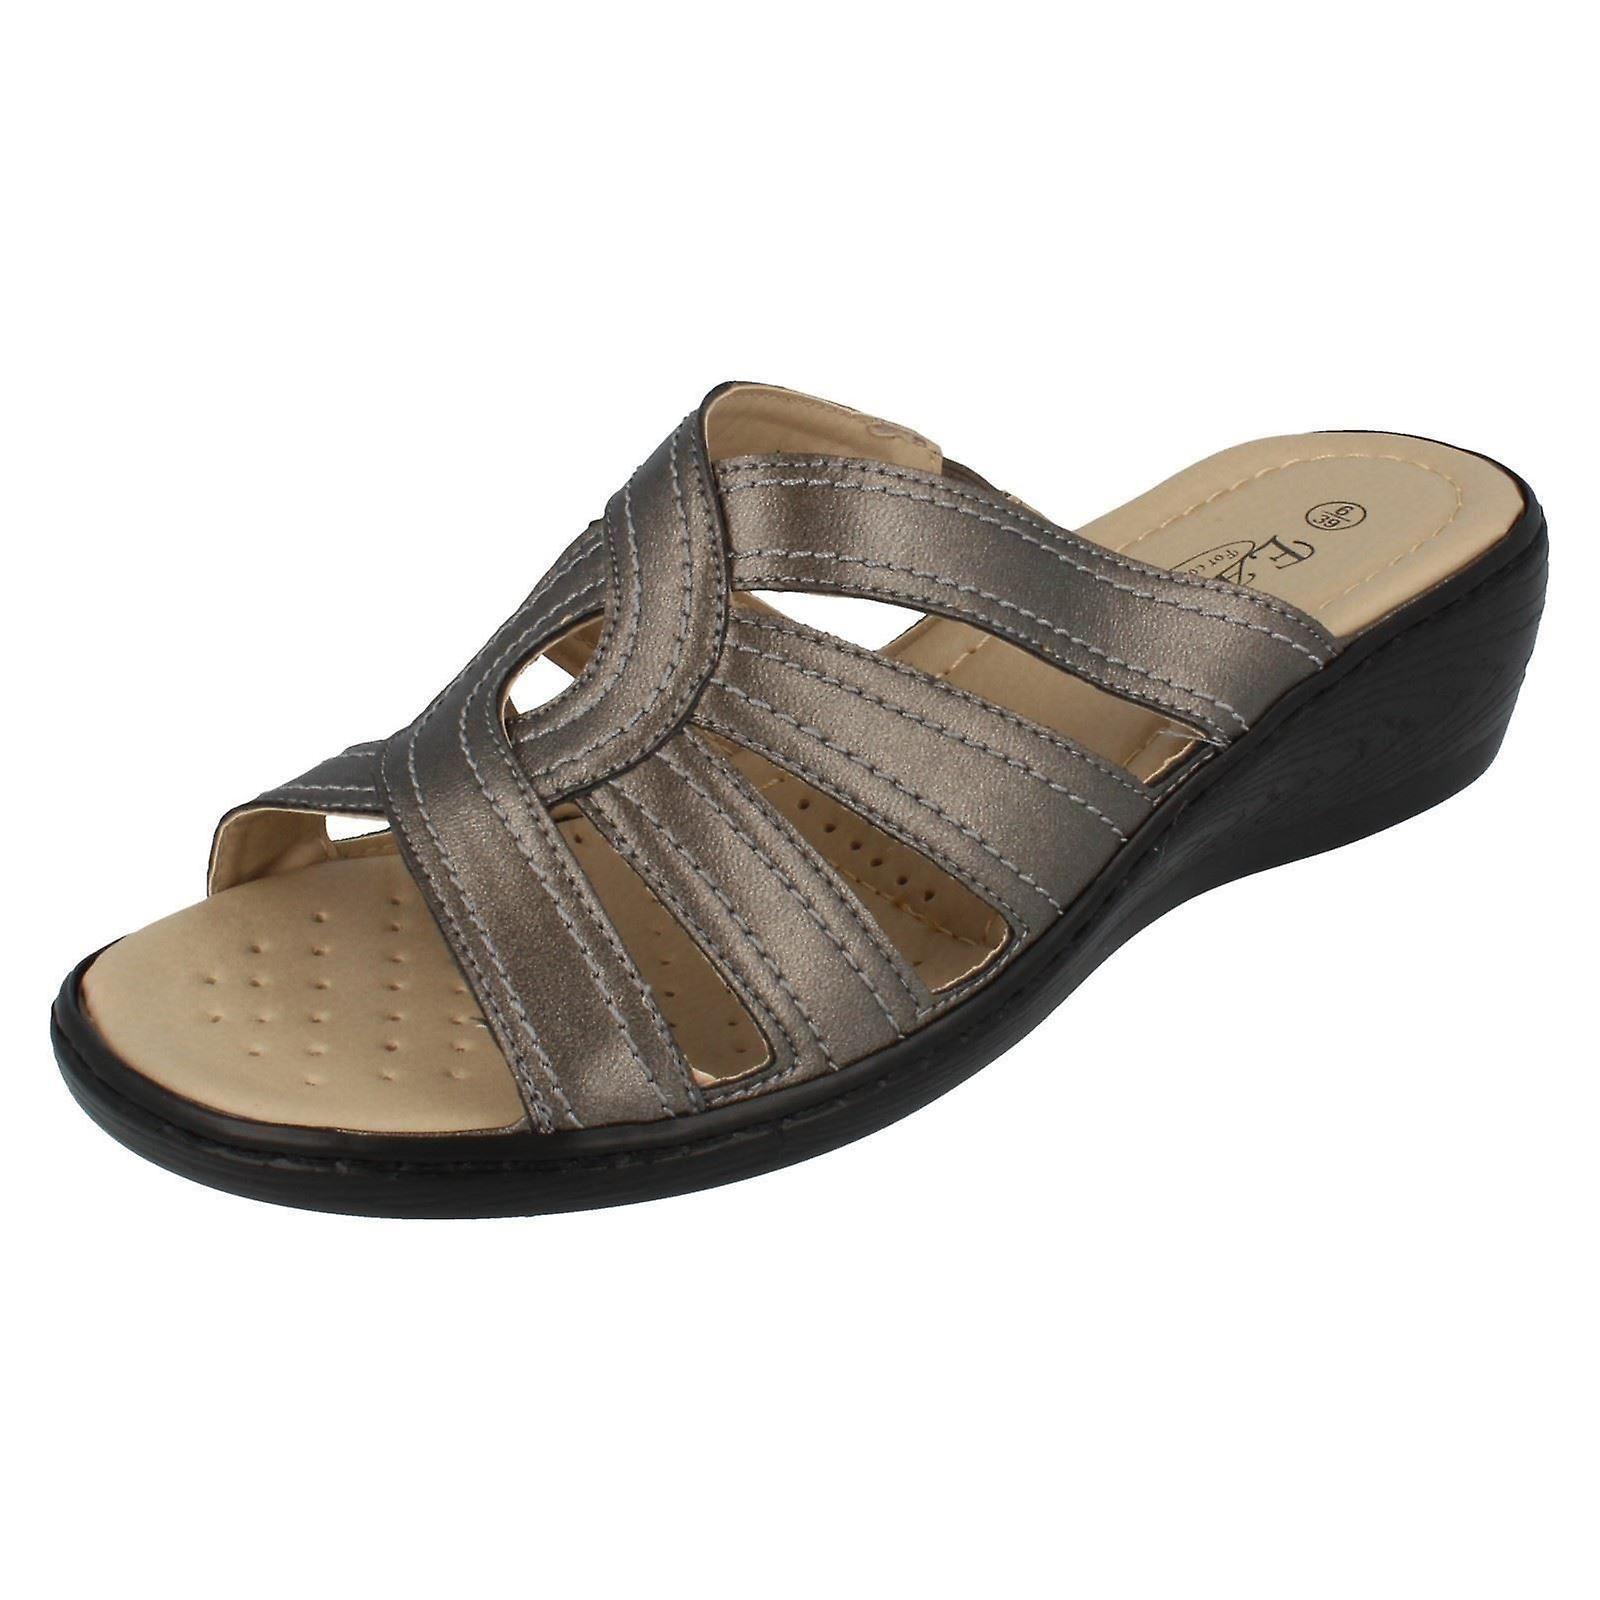 Sandały damskie Eaze Peep Toe 3e6b4